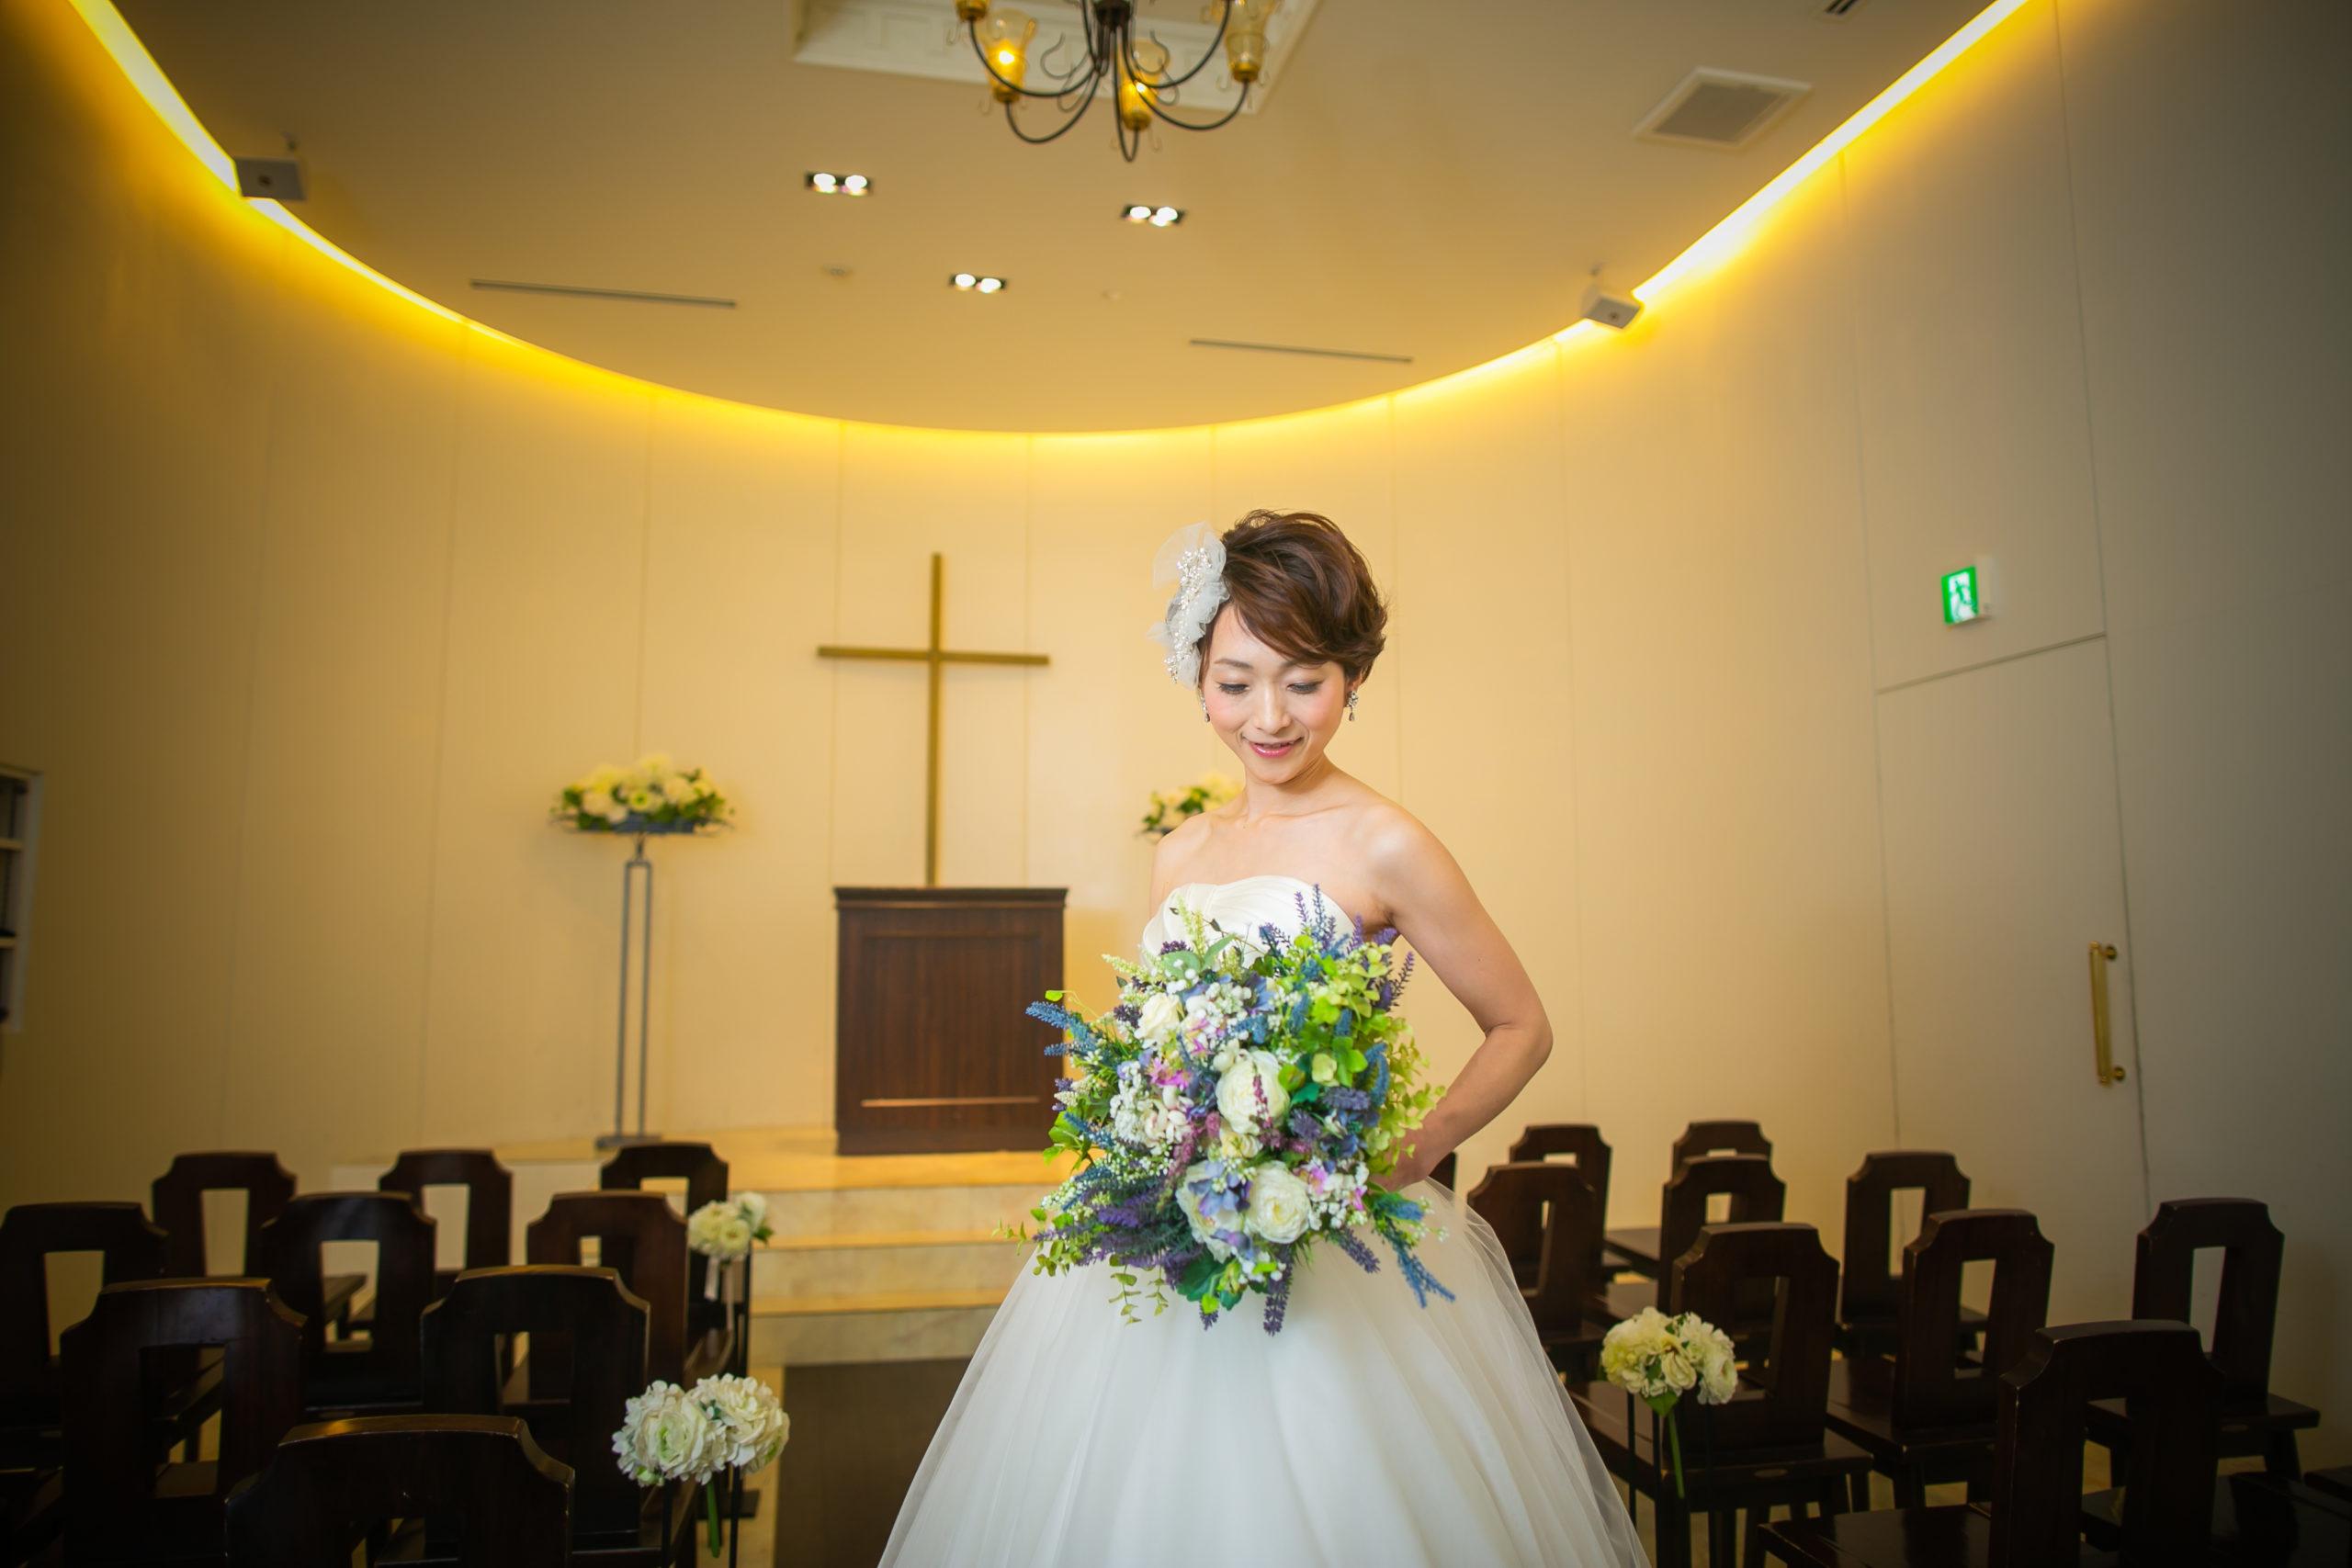 フォトウェディング,結婚写真,大阪,ドレス,ロケ,チャペル